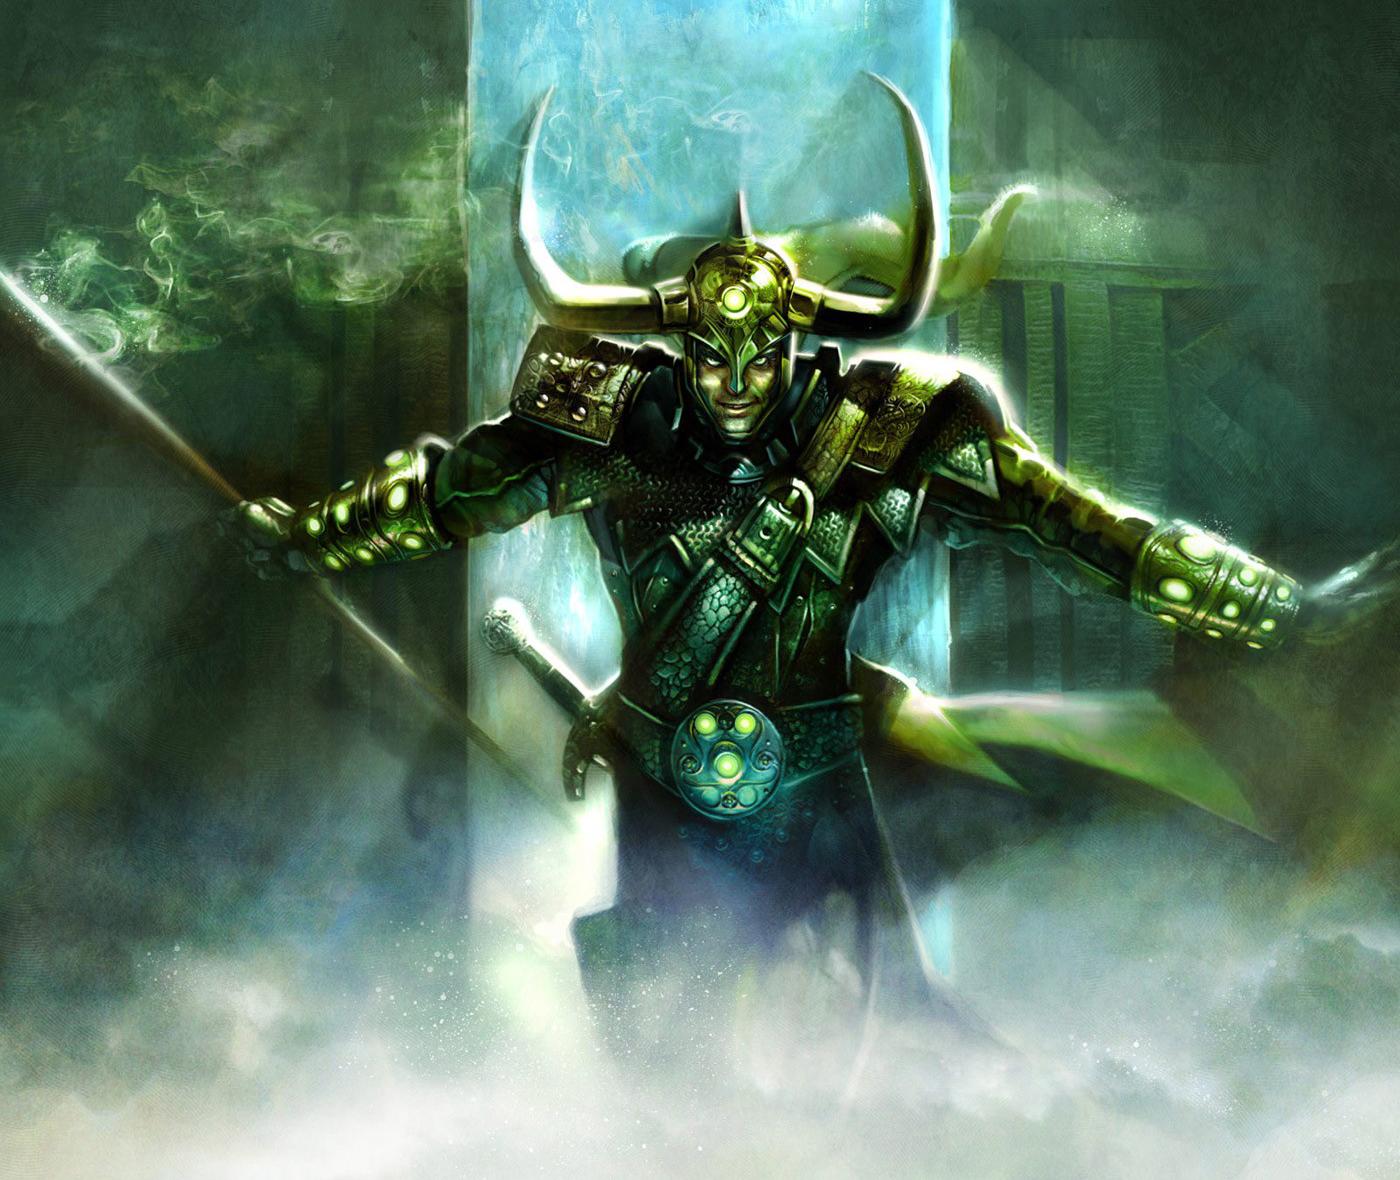 http://4.bp.blogspot.com/-6oG0r4d8CKo/Uh6qZ0wx4uI/AAAAAAAAAvY/w8Ed0v9P4DE/s1600/2838203-2304641-loki__by_glen_angus_.jpg Norse Mythology Gods Loki